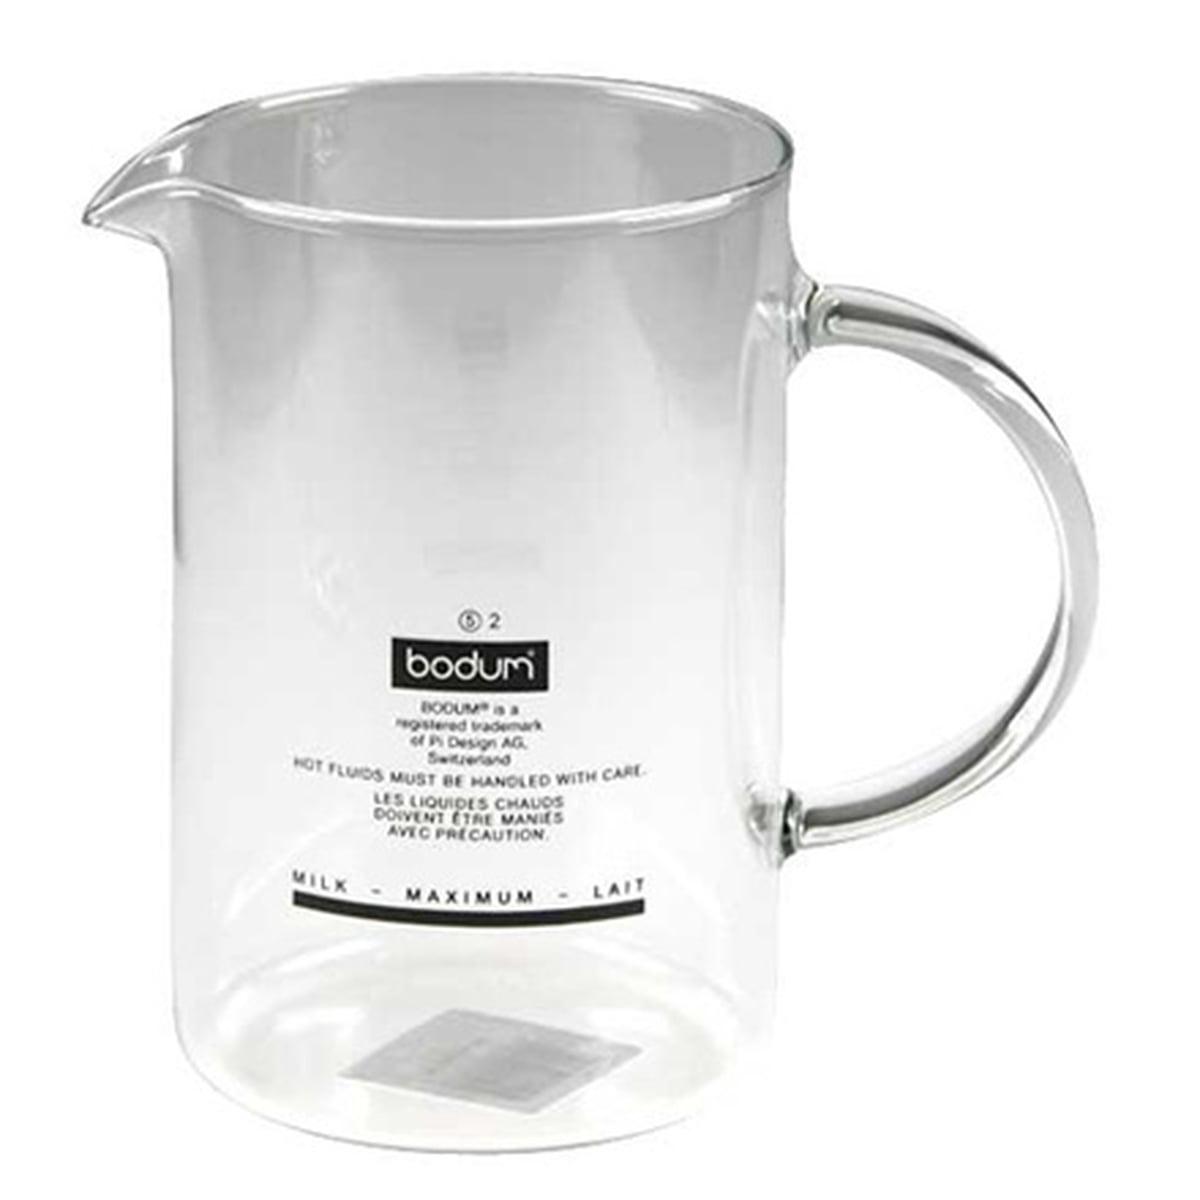 Bodum - SPARE GLASS zu Chambord und Latteo Milchaufschäumer | Küche und Esszimmer > Kaffee und Tee > Milchaufschäumer | Bodum